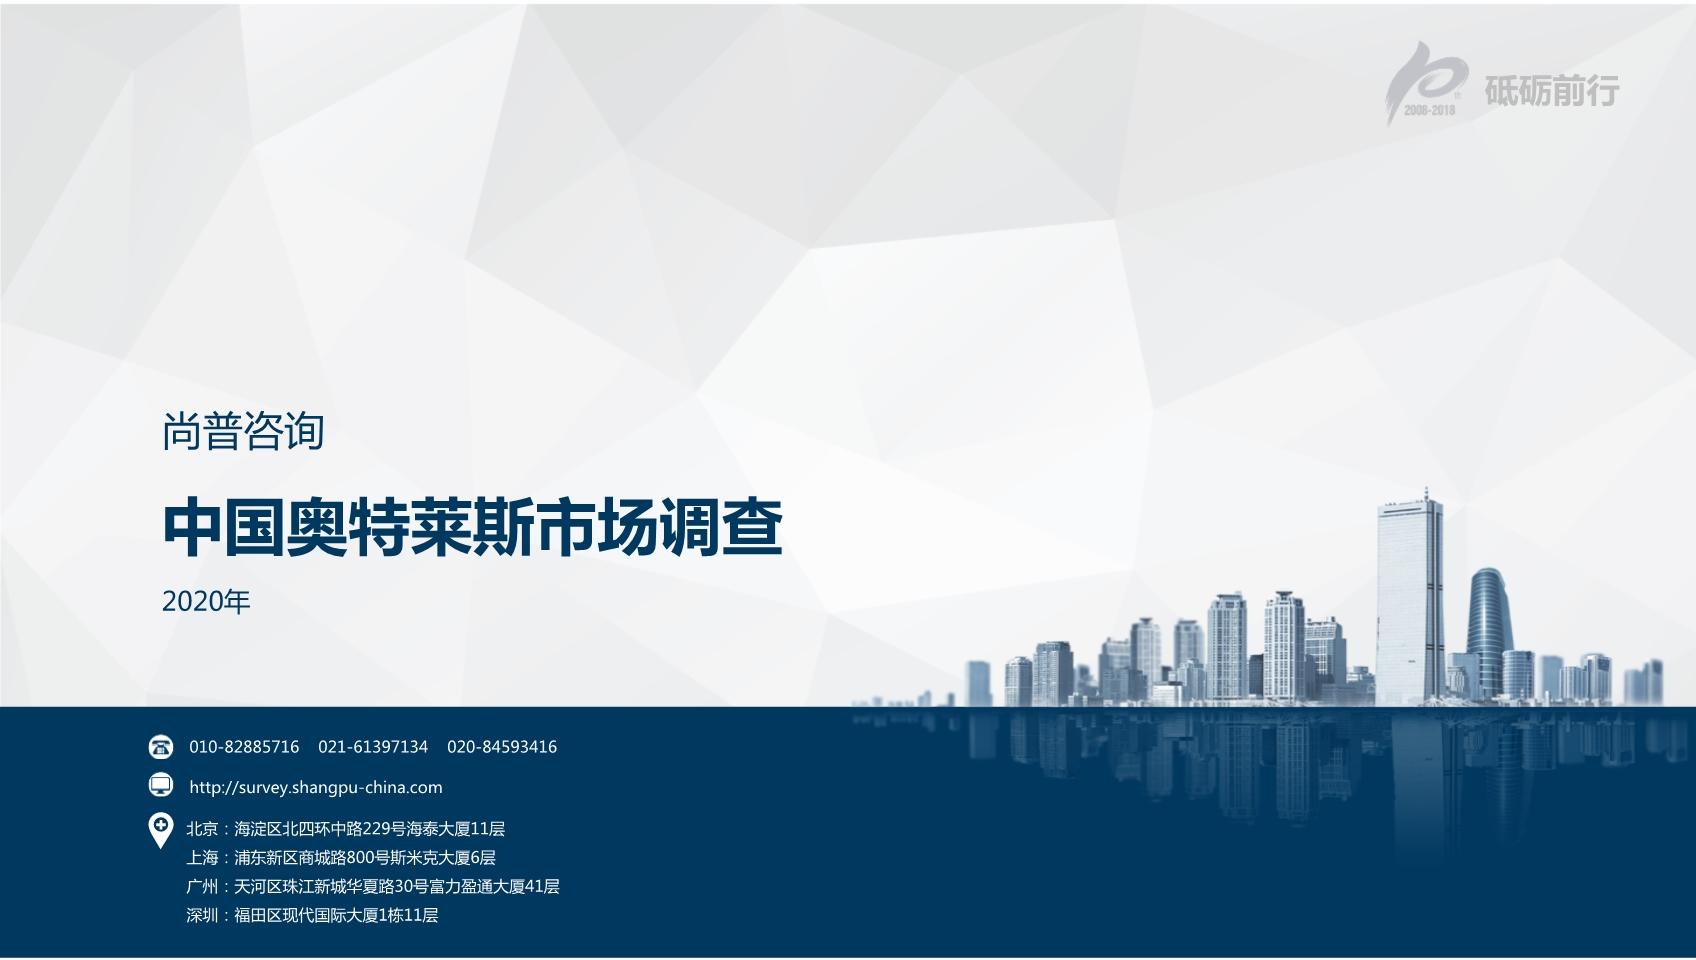 尚普咨询:2020年中国奥特莱斯市场调查